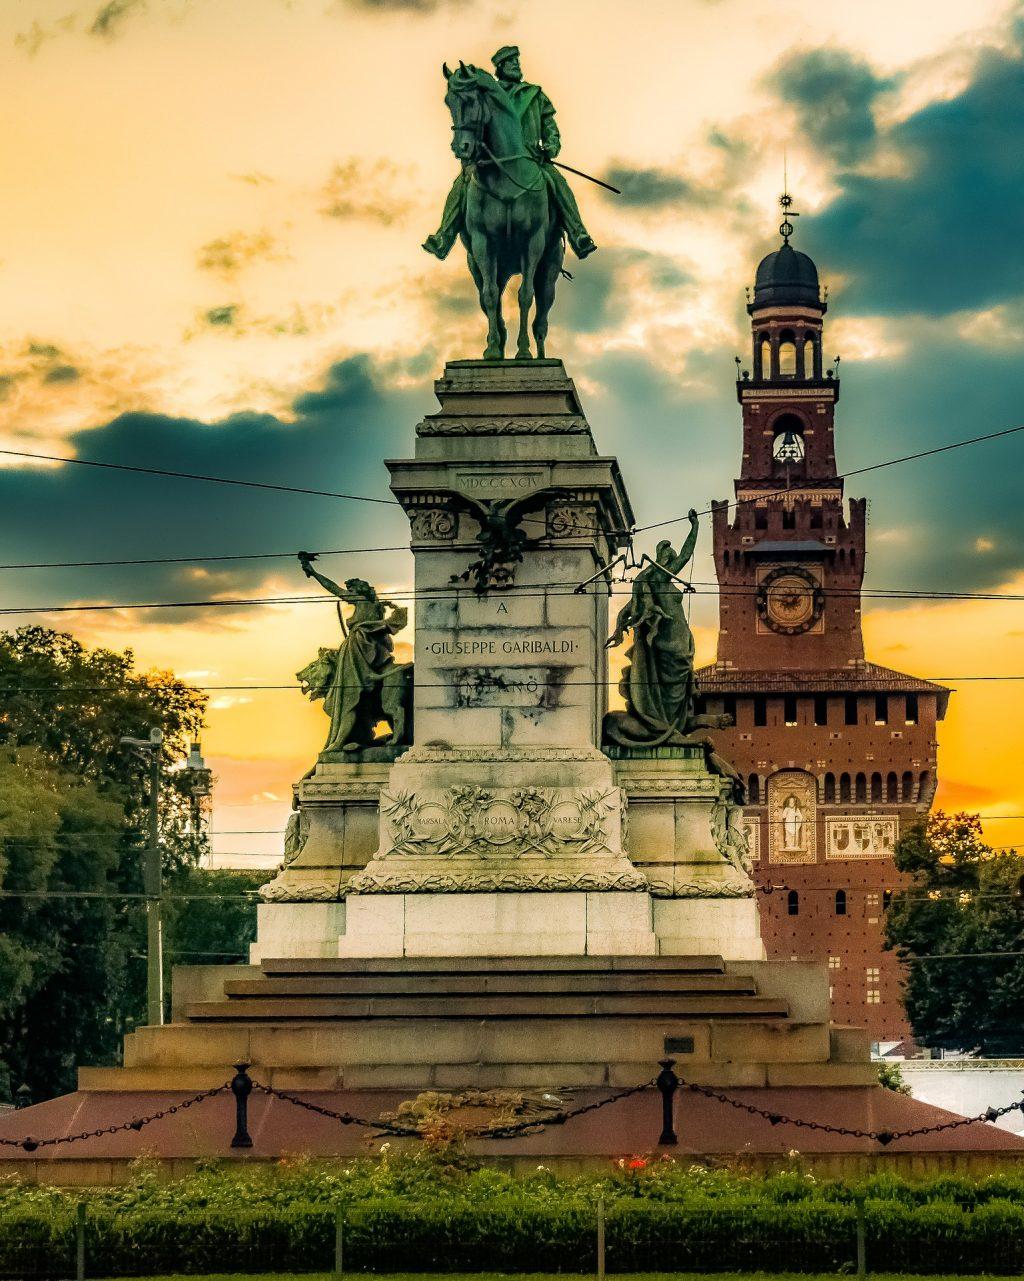 Garibaldi Milano